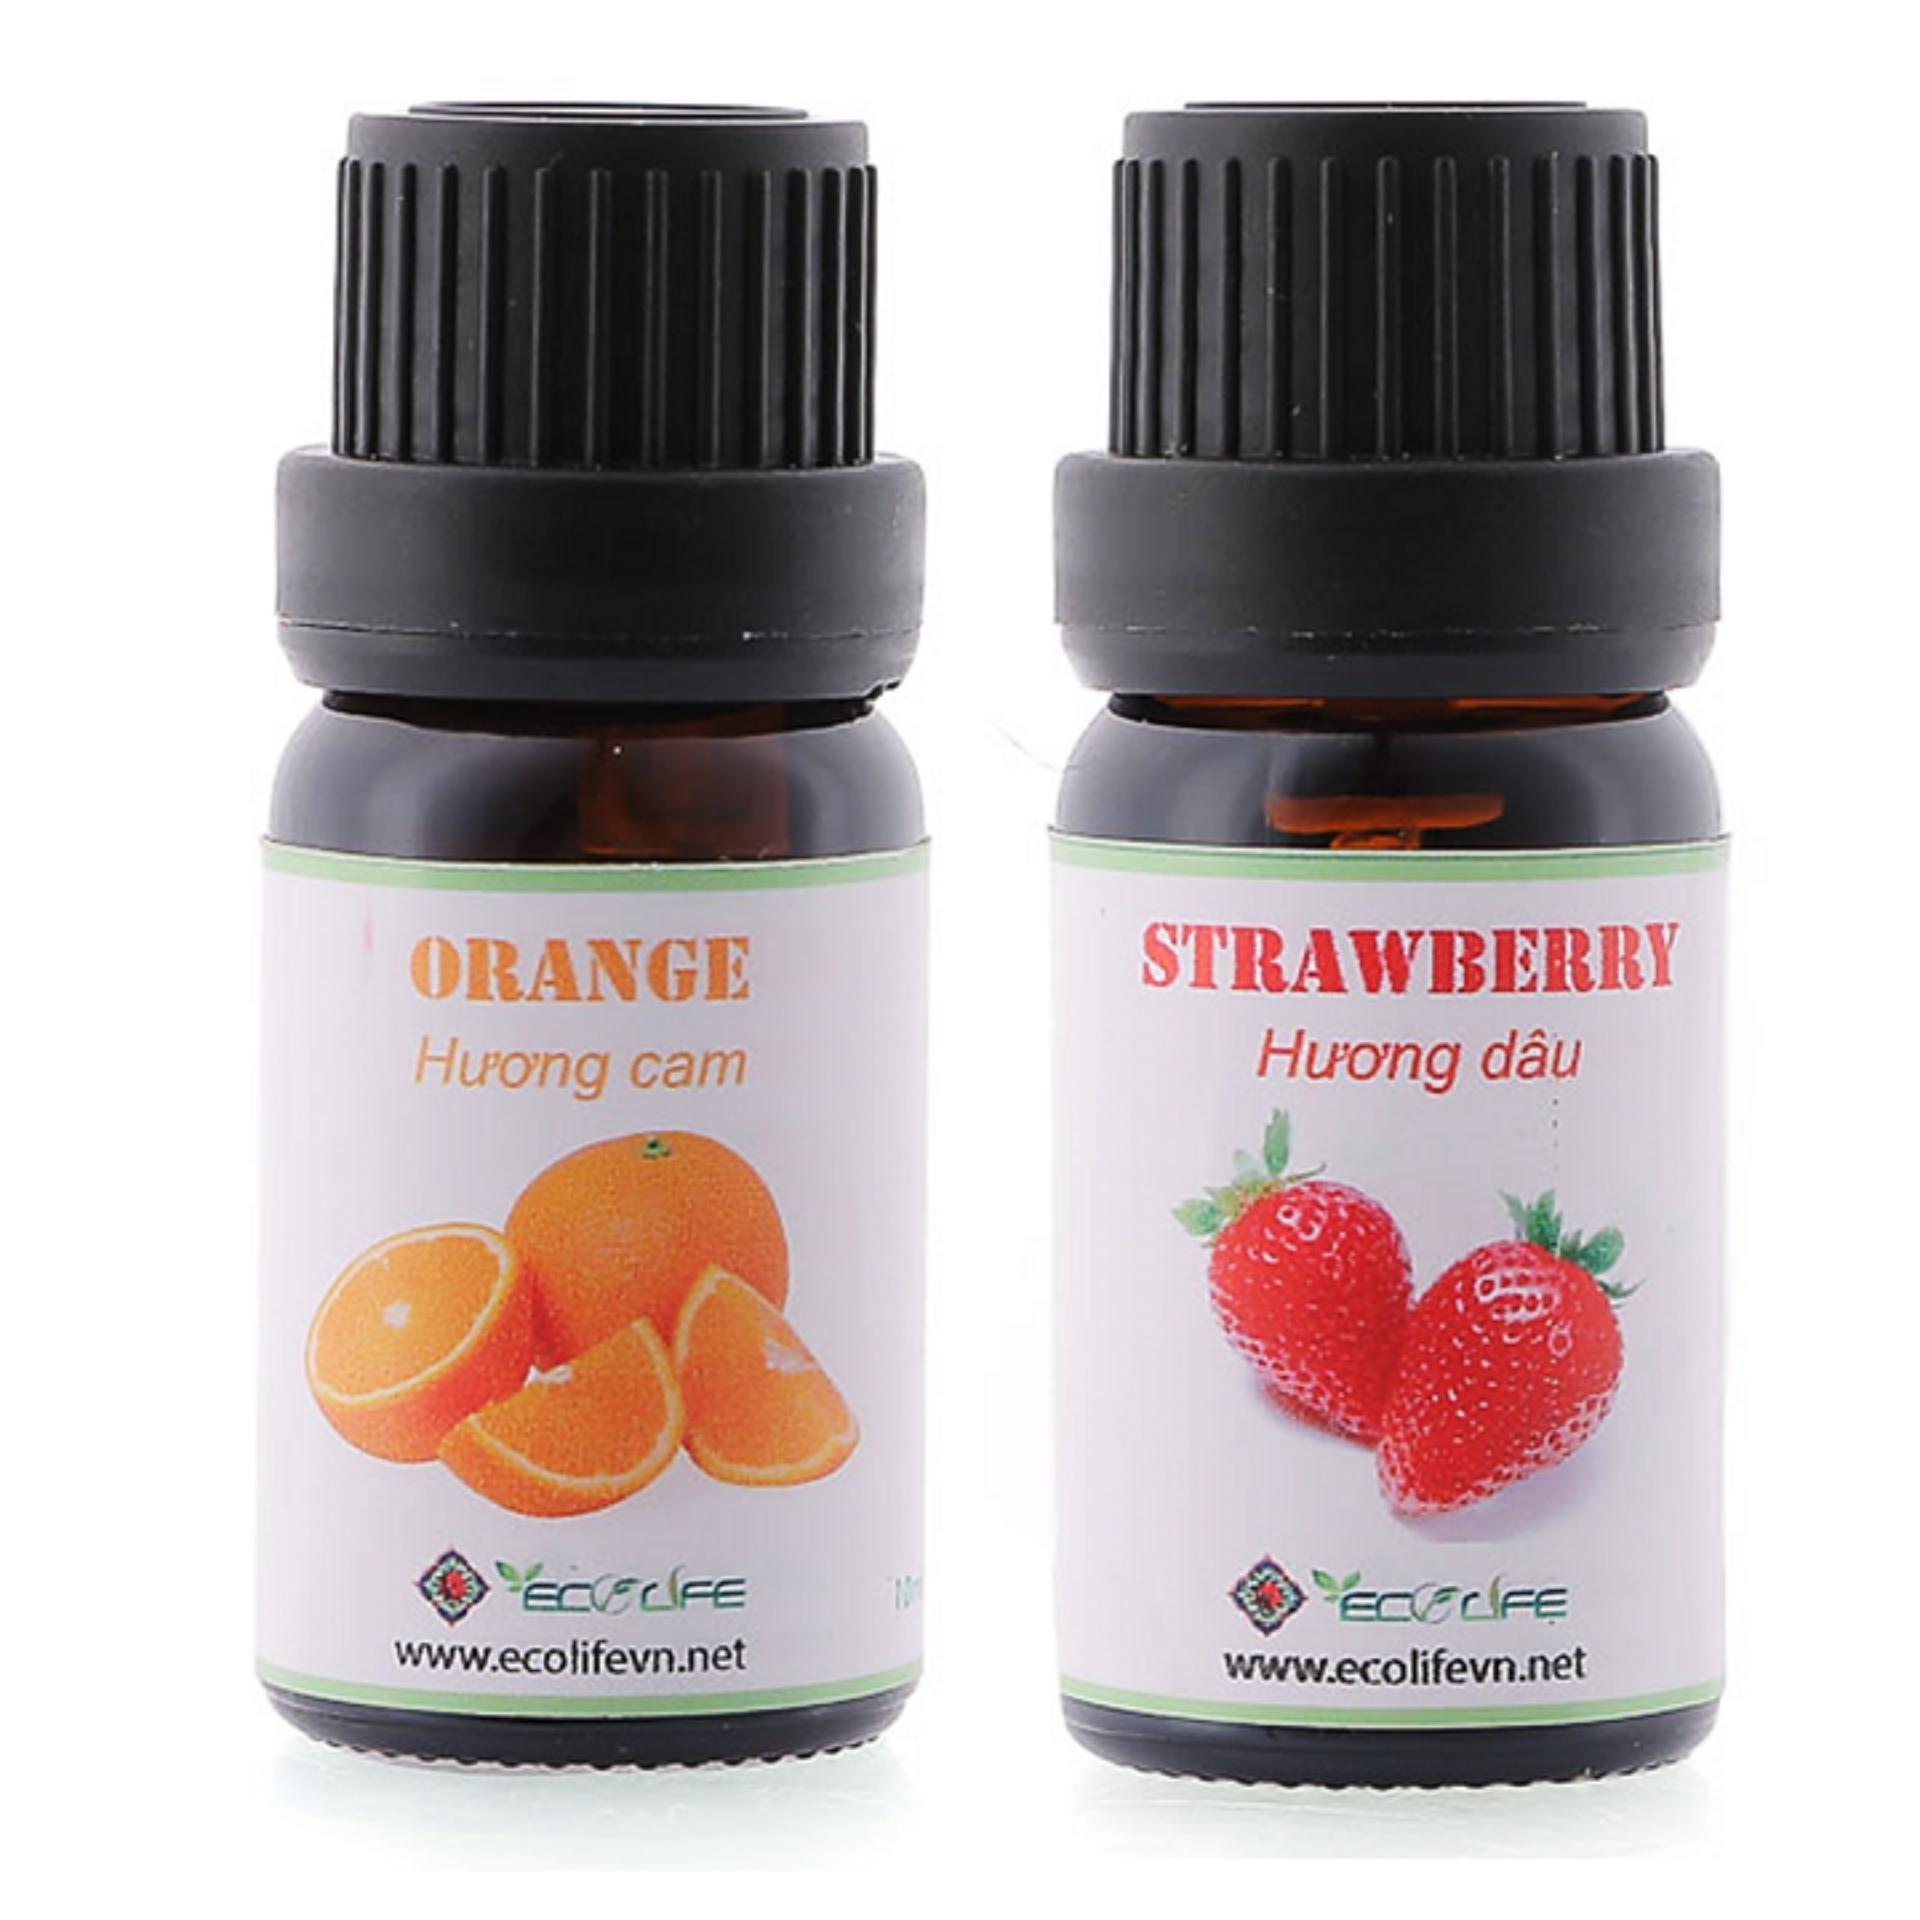 Tư vấn mua Combo mùi dâu và mùi cam (orange) Ecolife